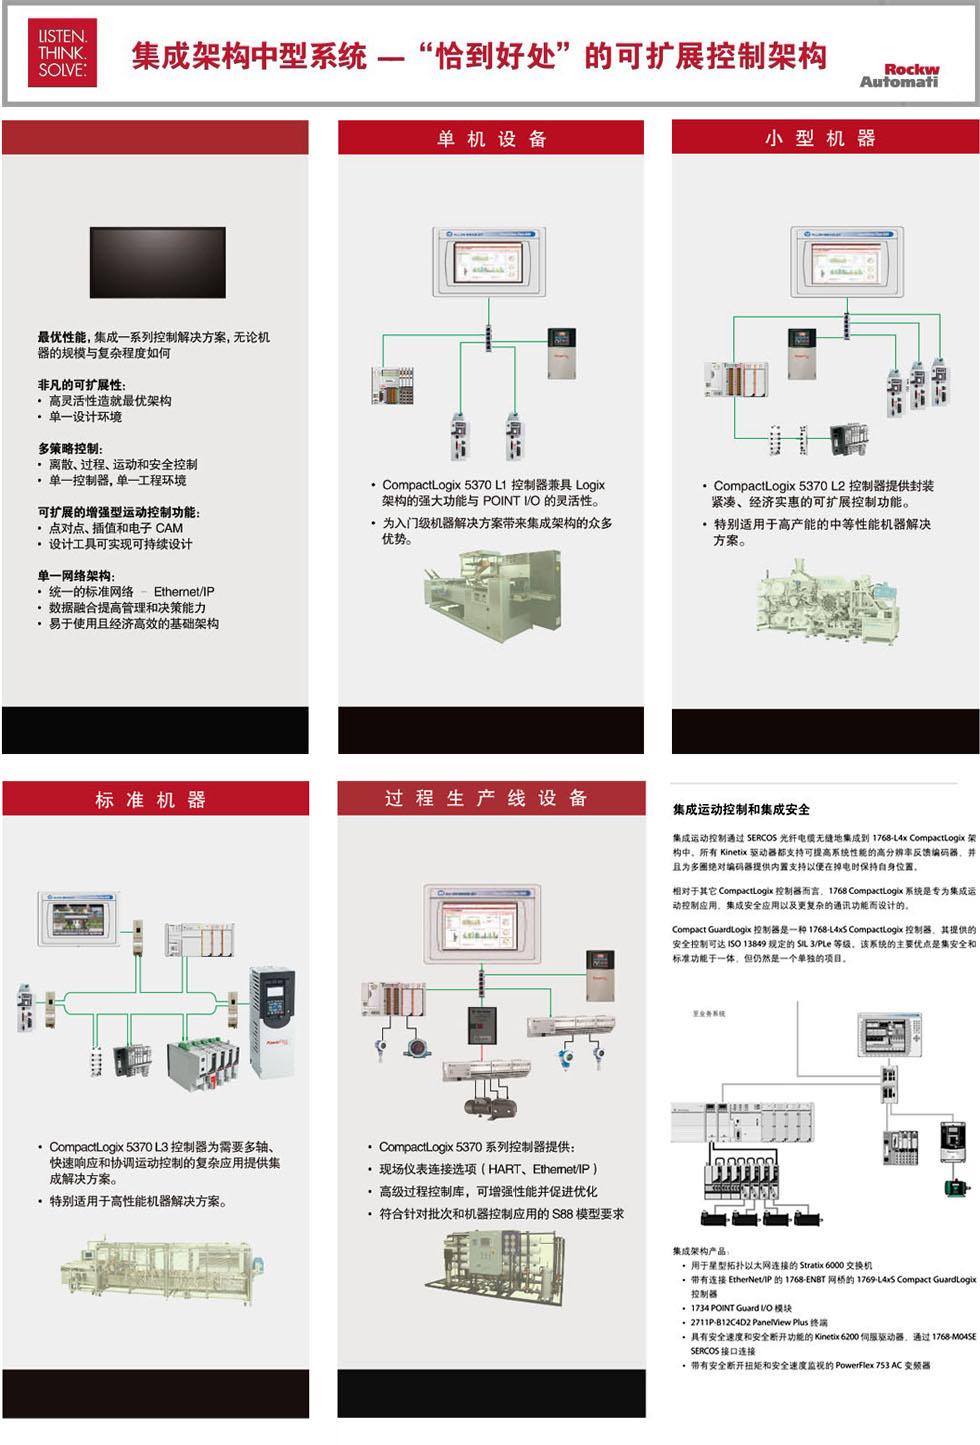 楼宇自动化系统论文_罗克韦尔自动化集成架构中型系统专区